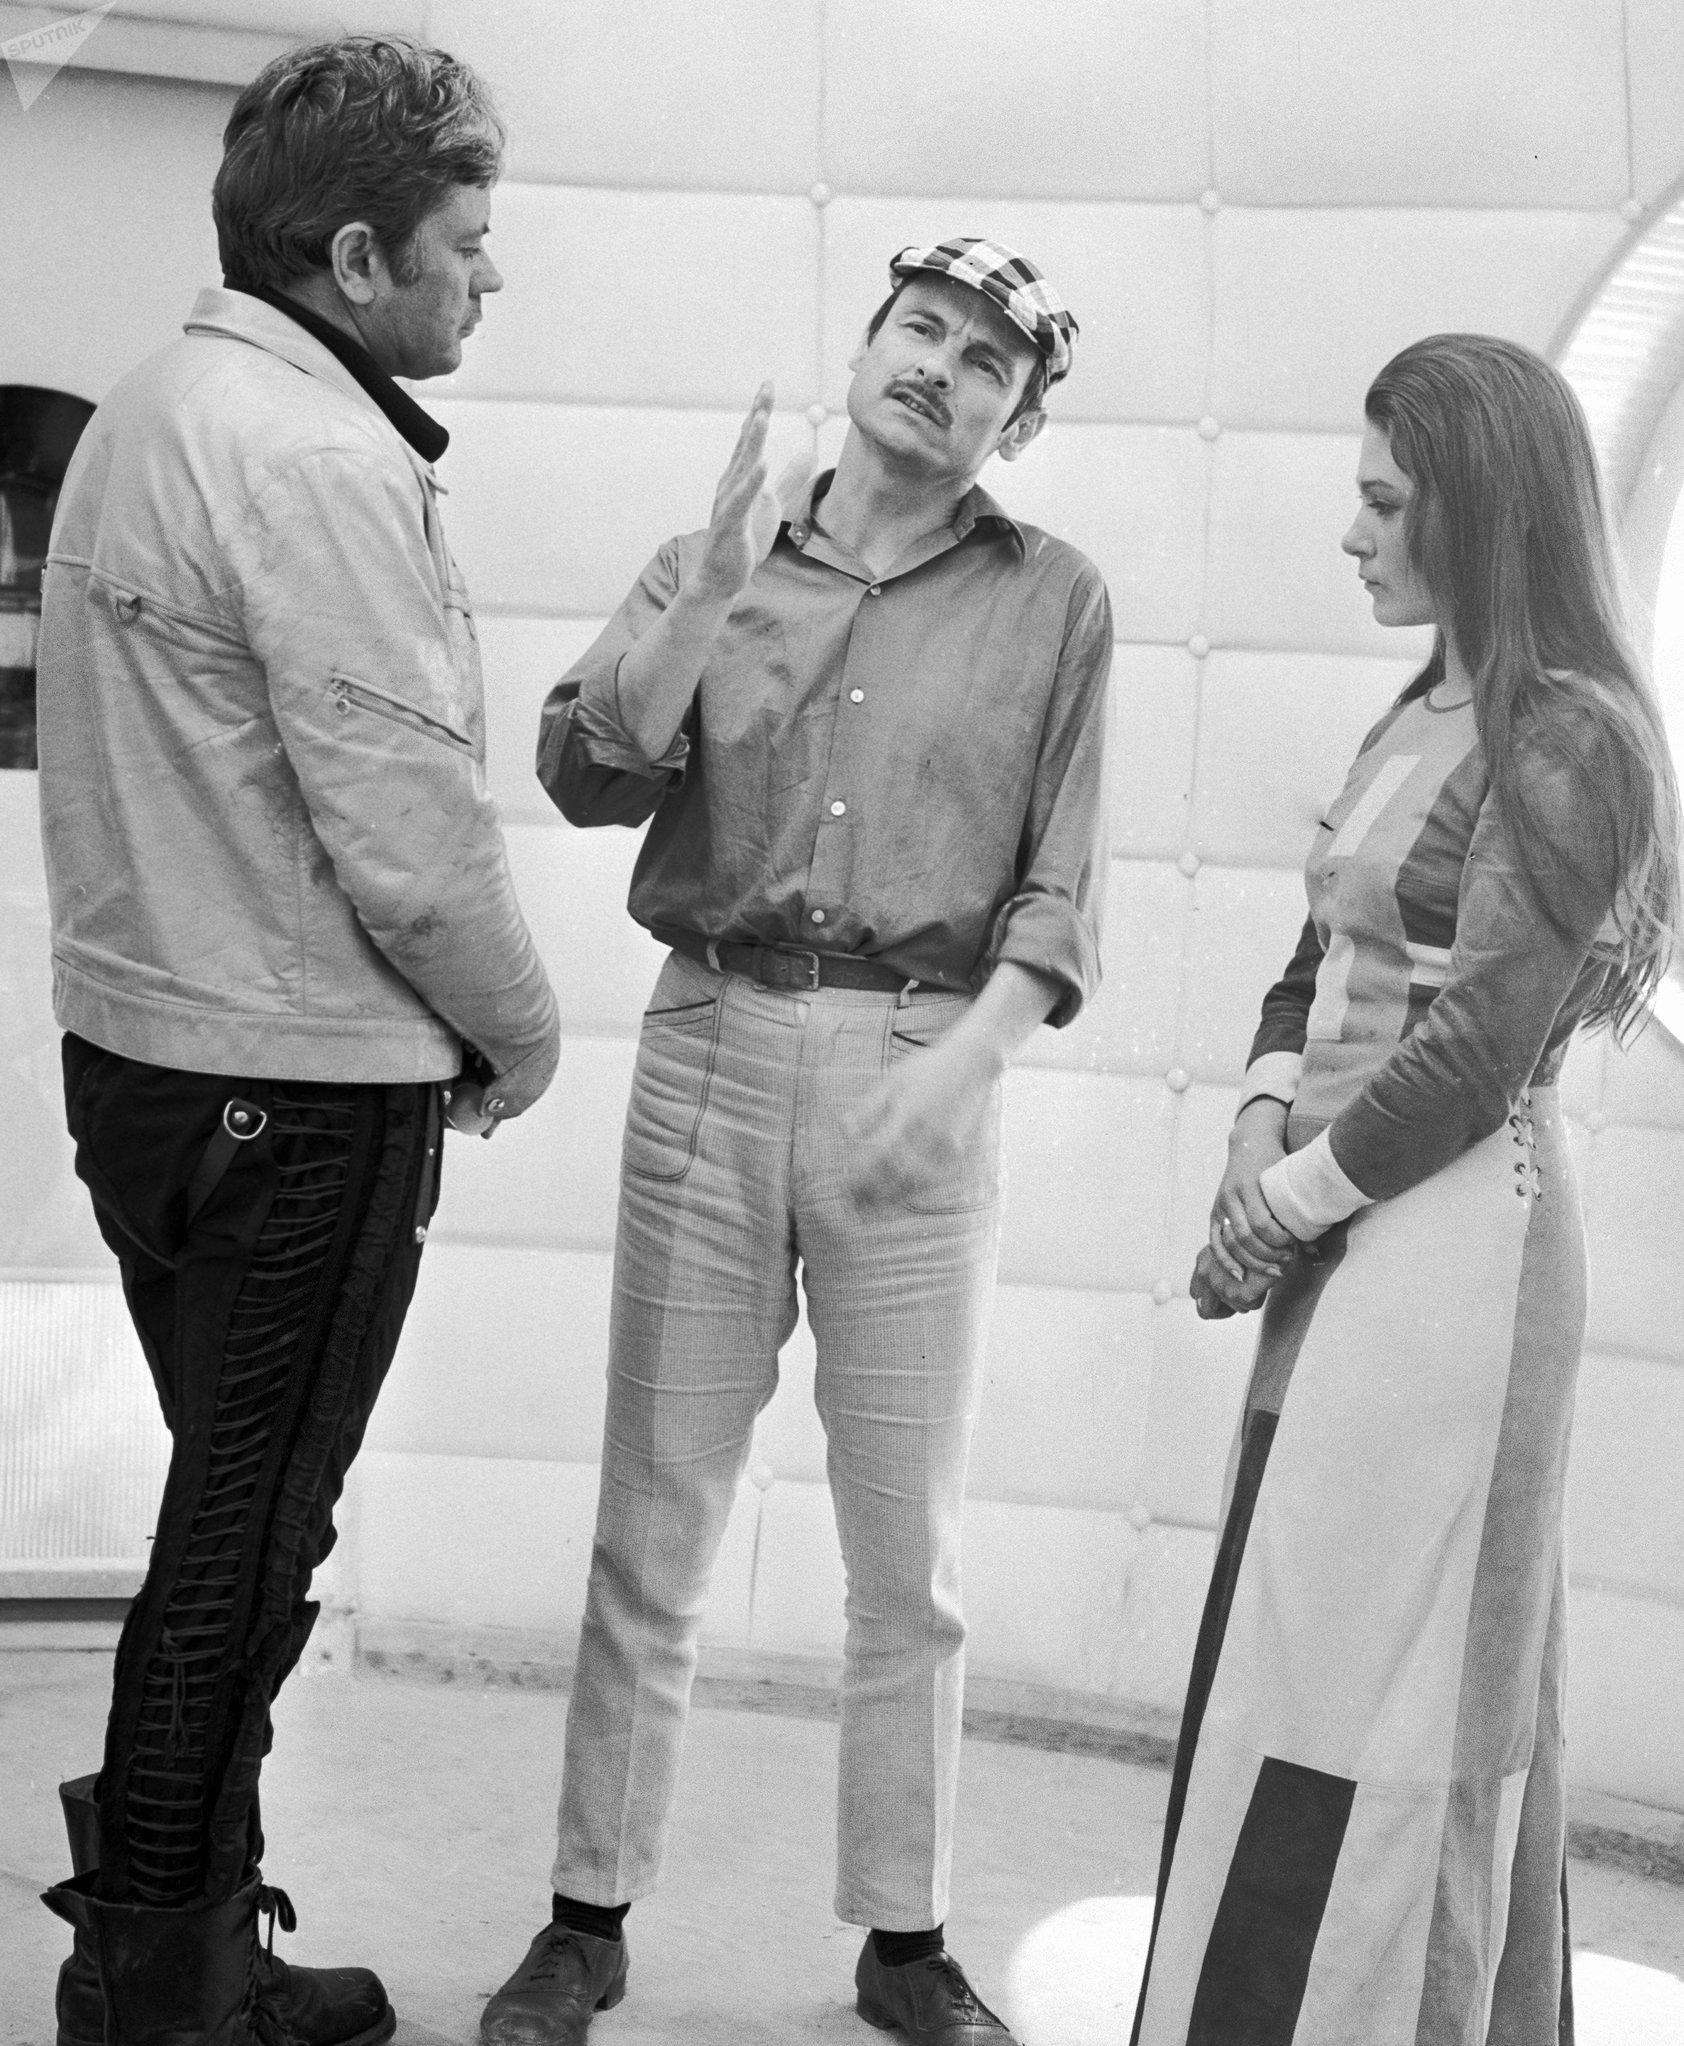 Il regista sovietico Andrej Tarkovskij (al centro), l'attore Donatas Banionis (a sinistra) e l'attrice Natalija Bondarchuk girano un episodio del film Solaris.